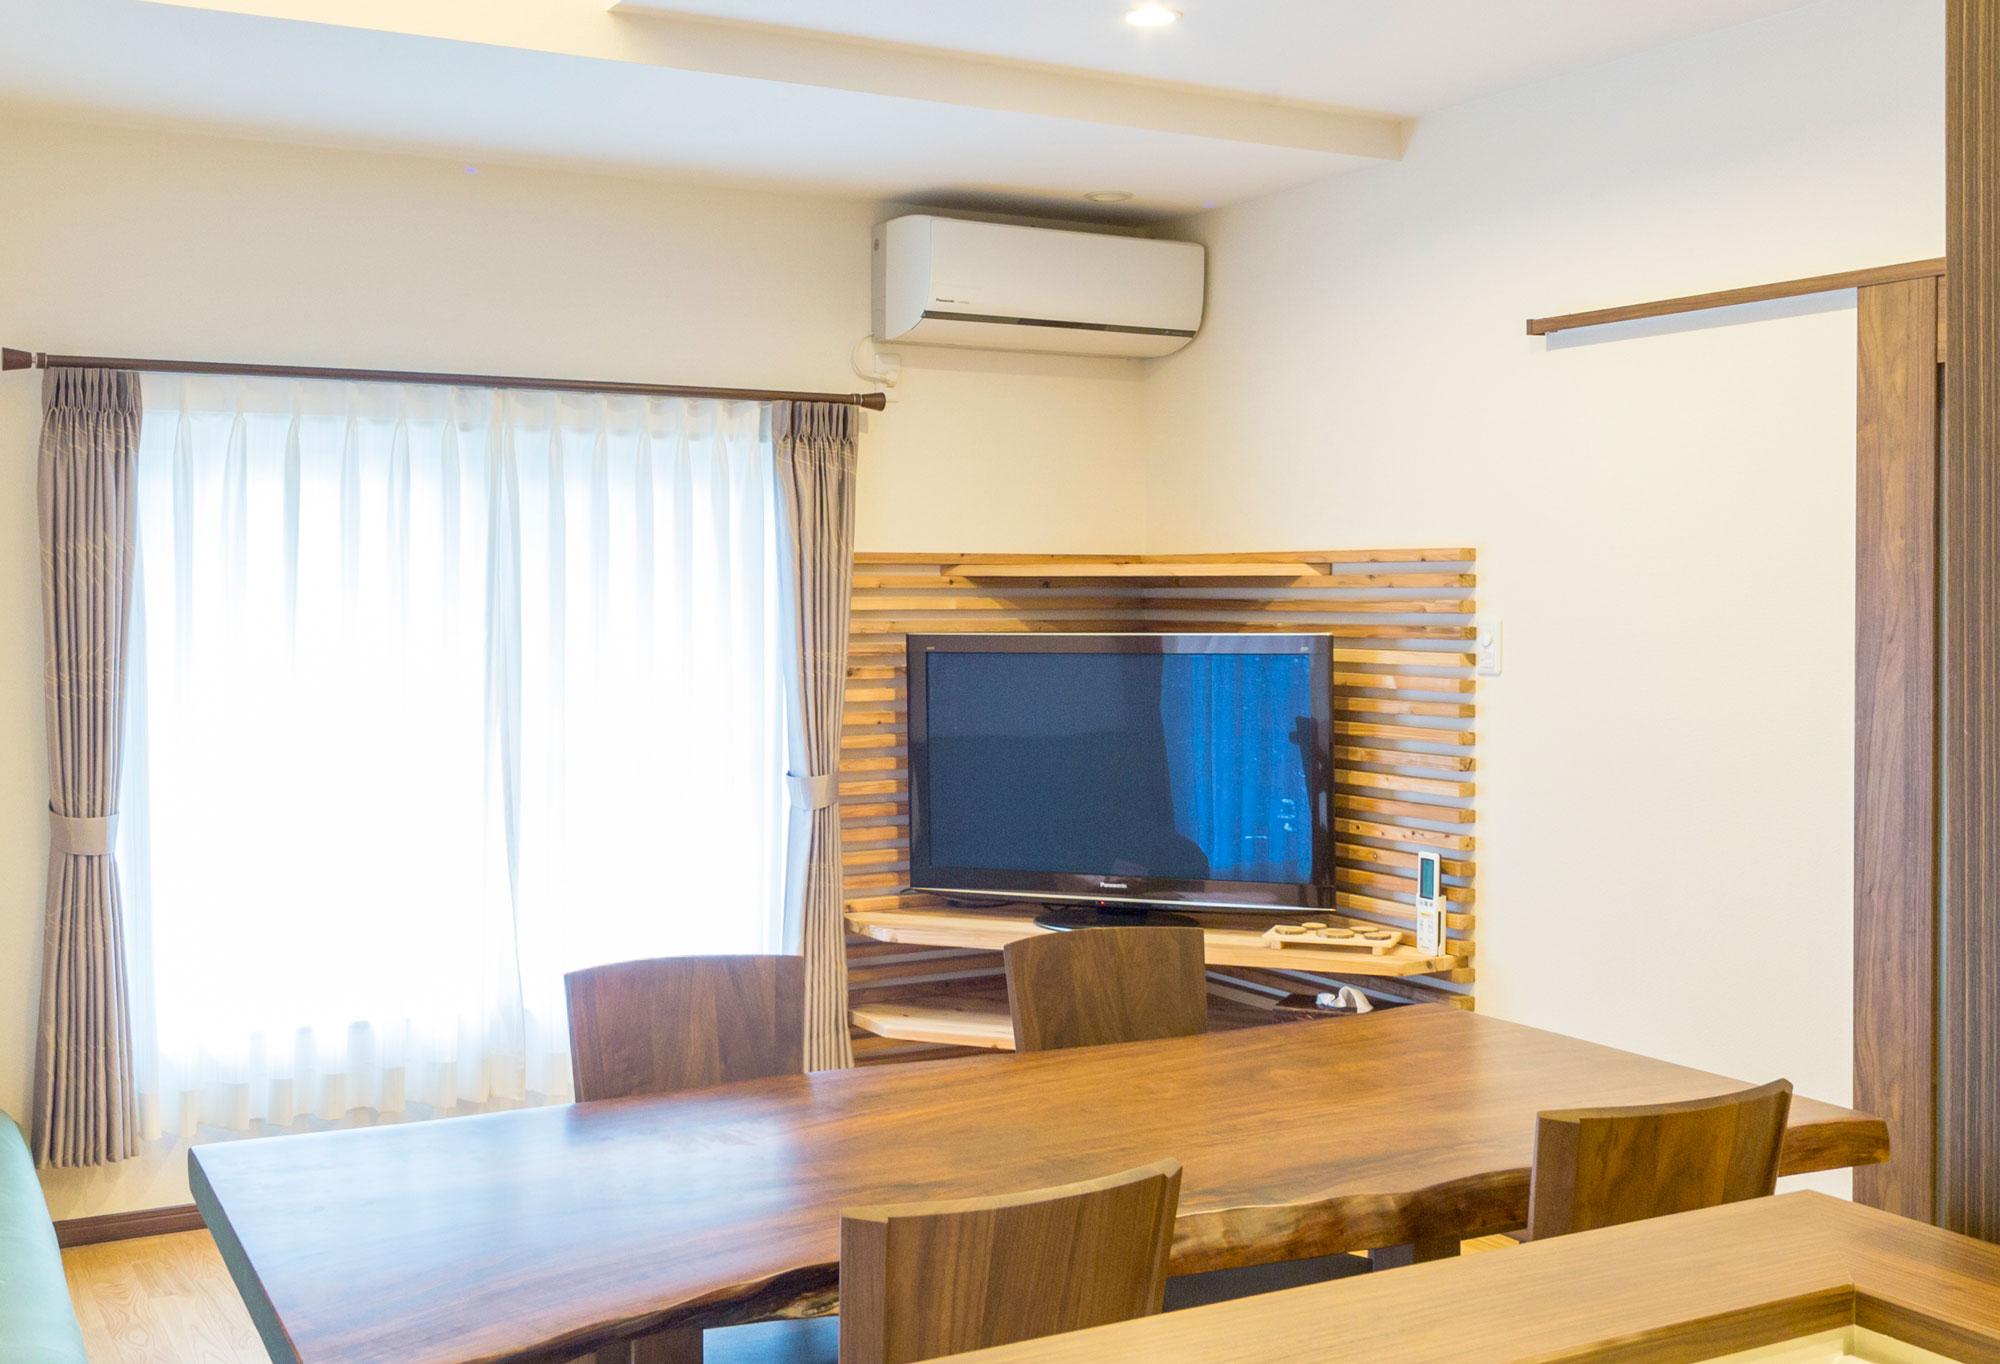 角スペースには、木+新発想のテレビ台を造作し、味わいある雰囲気が生まれました。